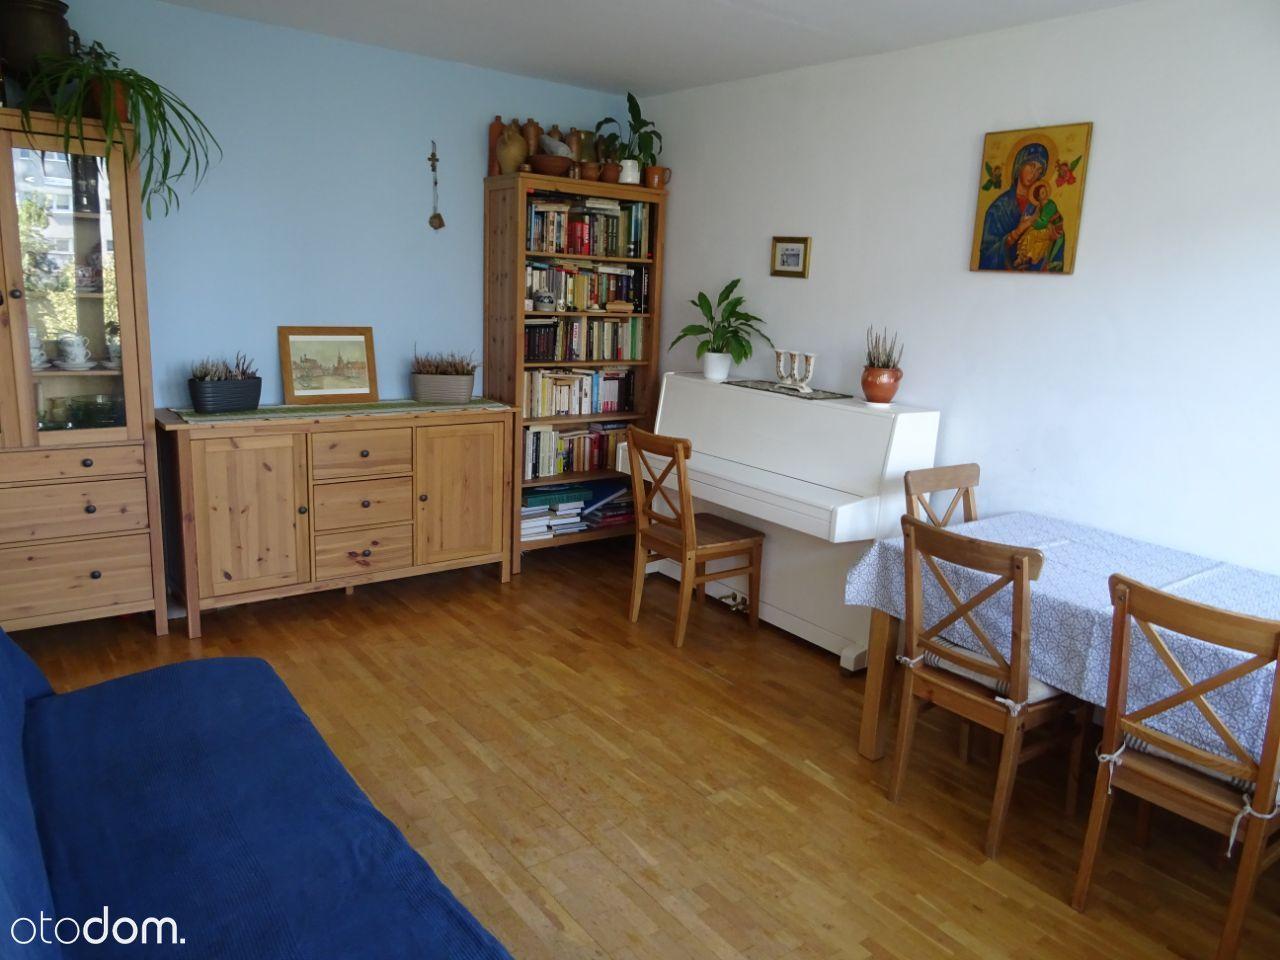 Mieszkanie 4 pokojowe, Bielany os. Wawrzyszew